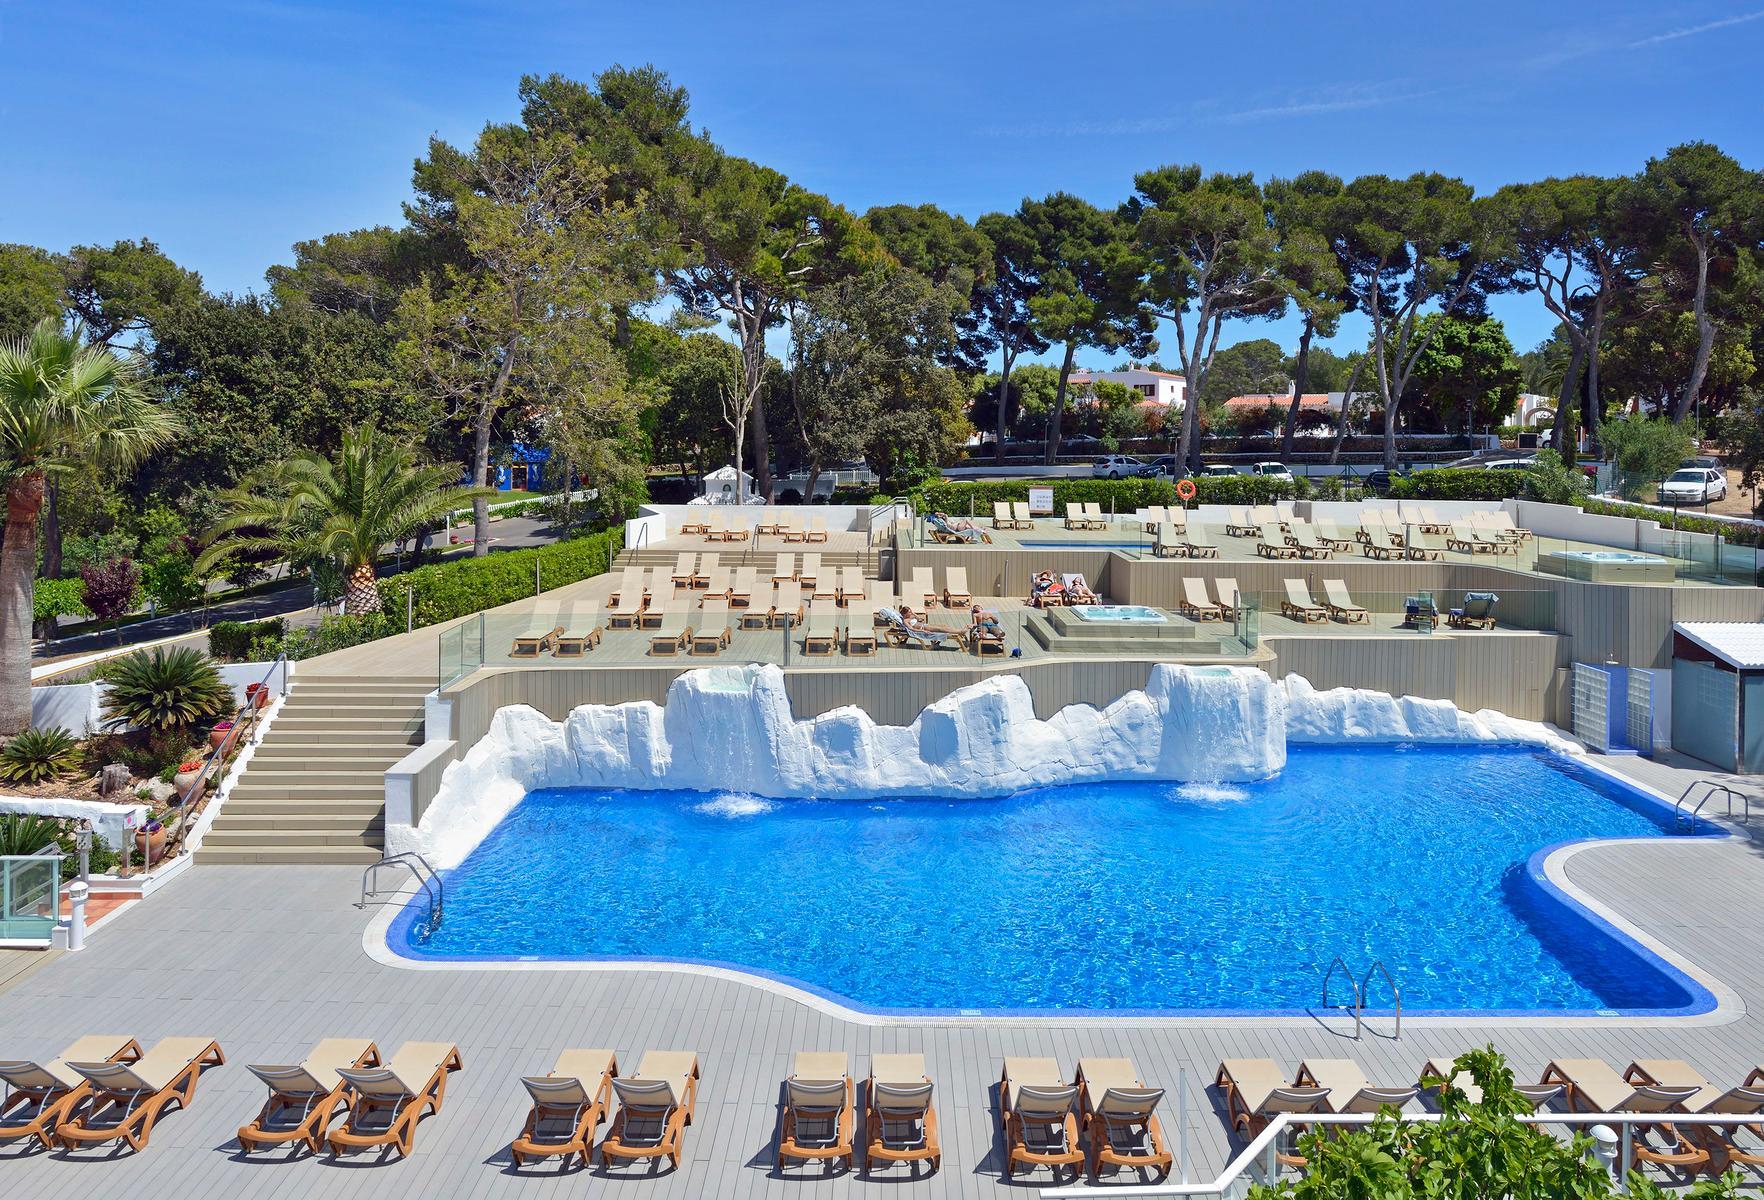 Melia Cala Galdana in Cala Galdana, Menorca | Holidays from £402pp | loveholidays